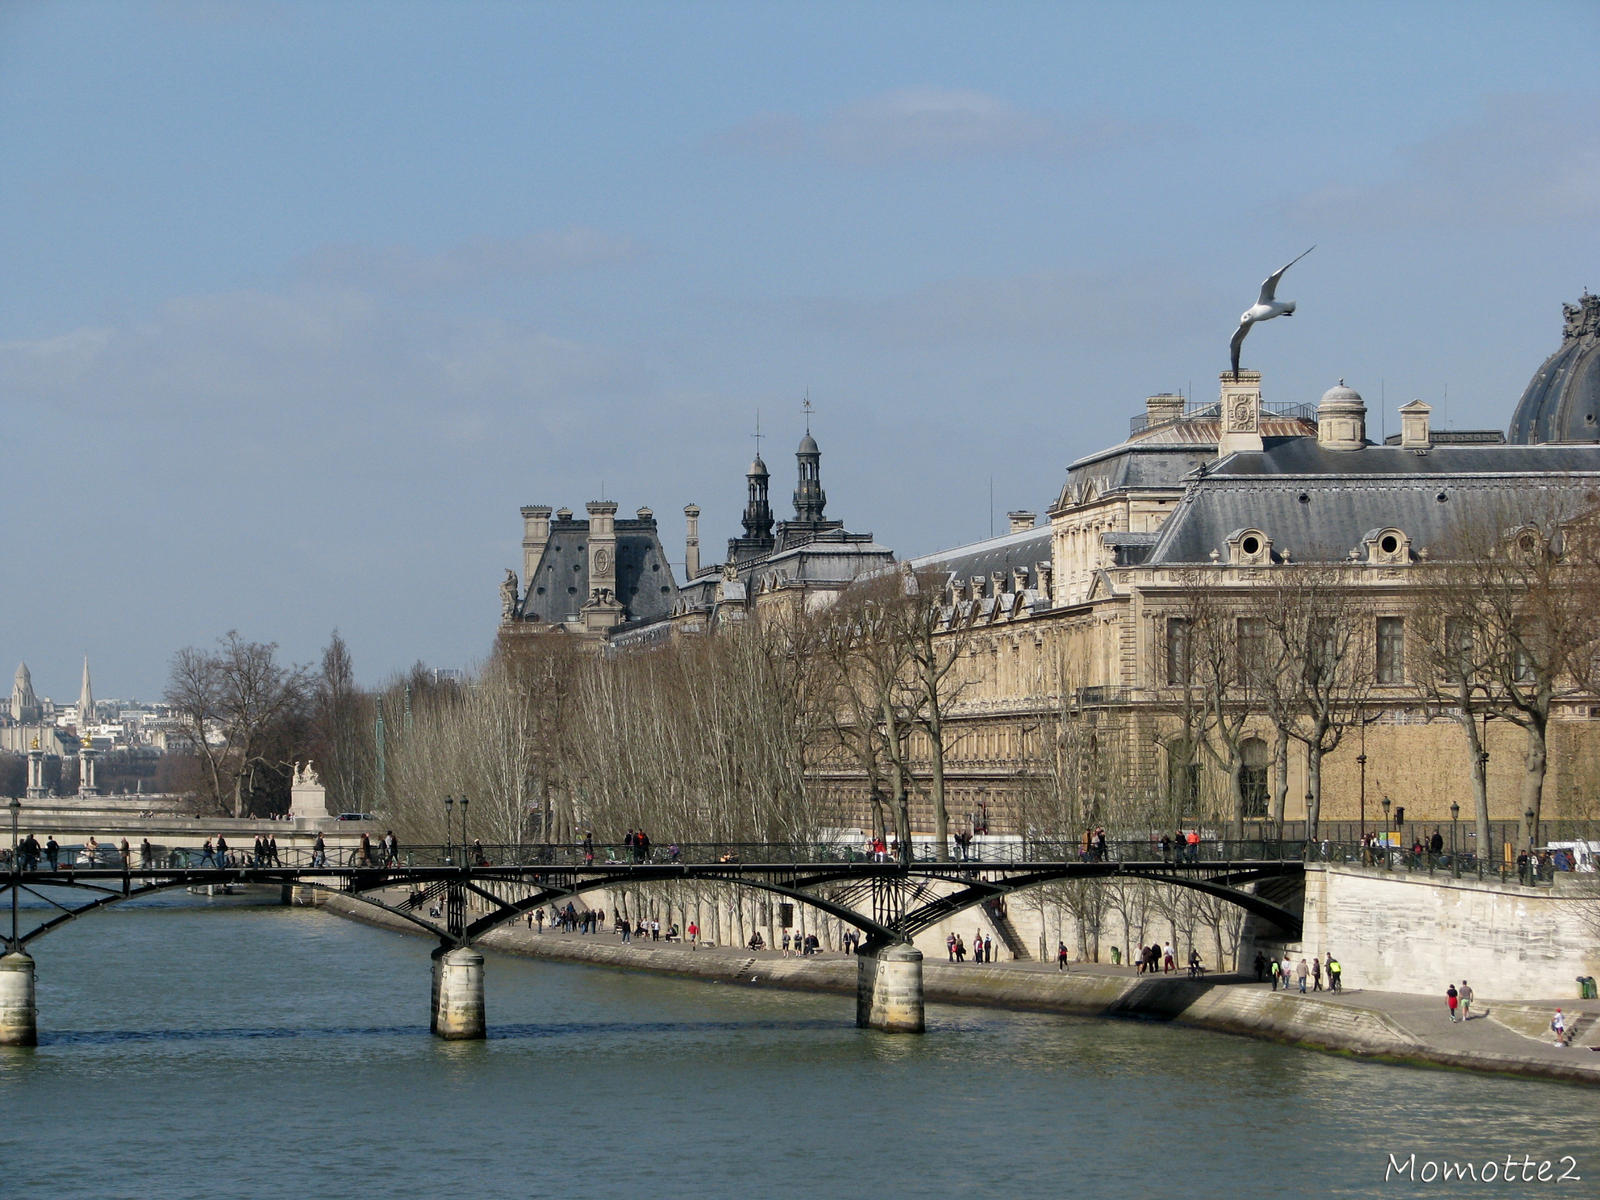 The pont des arts in Paris by Momotte2